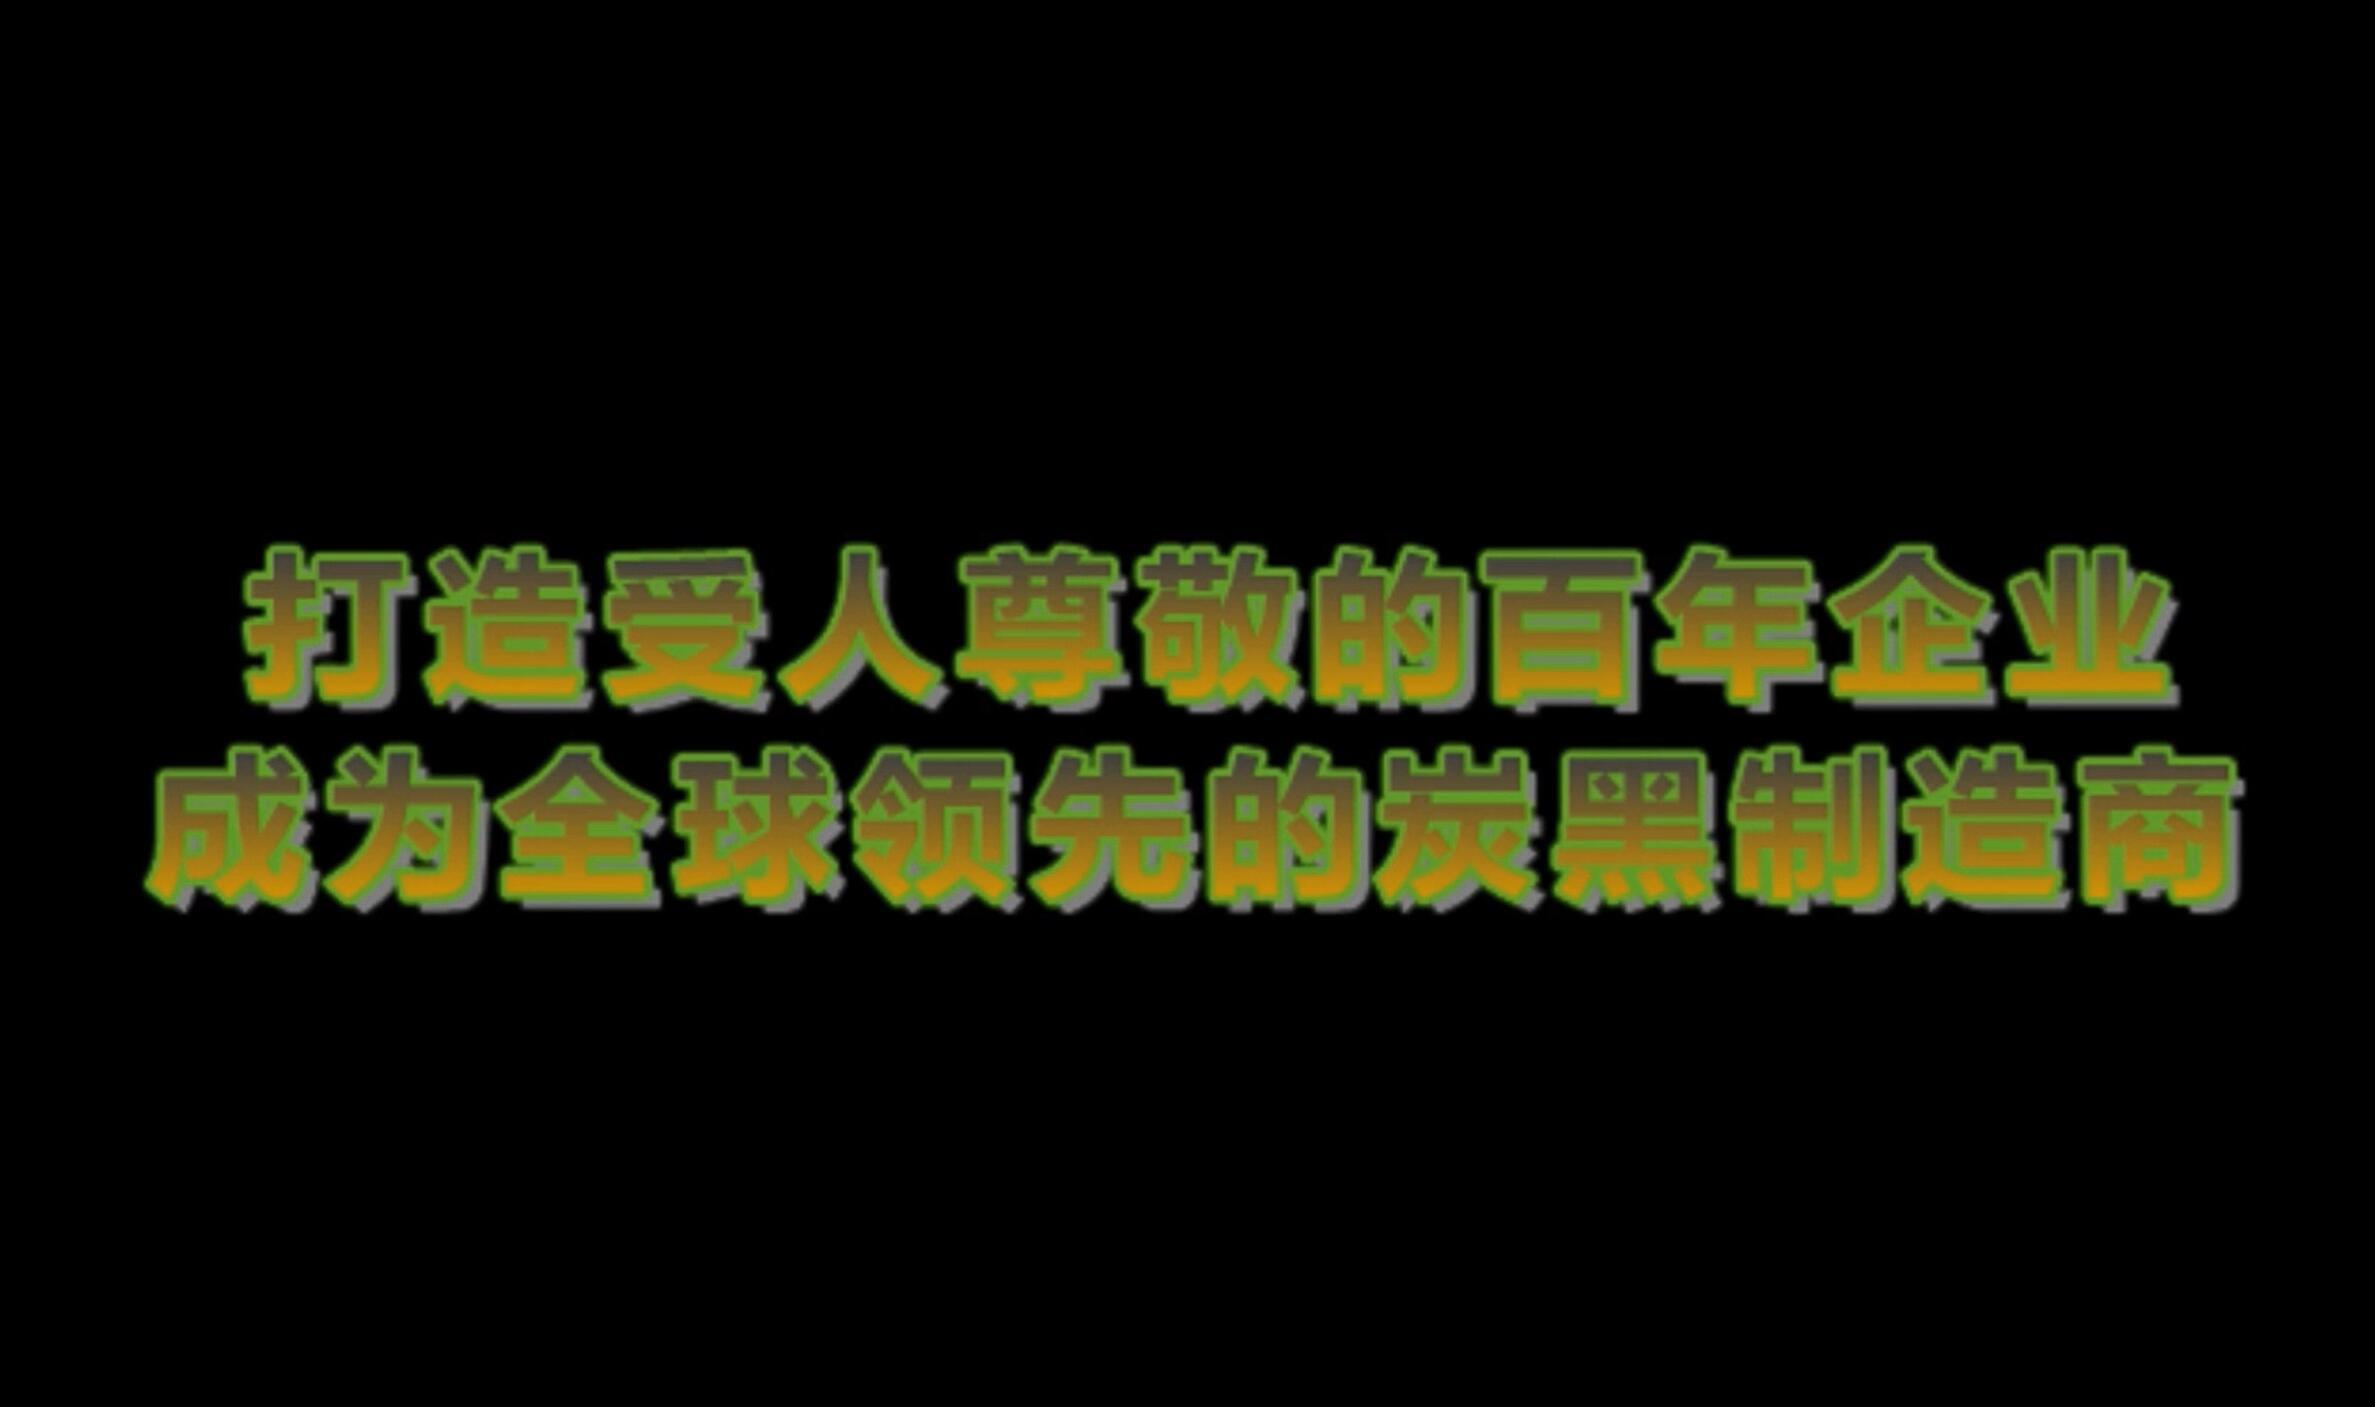 邯郸黑猫炭黑有限公司